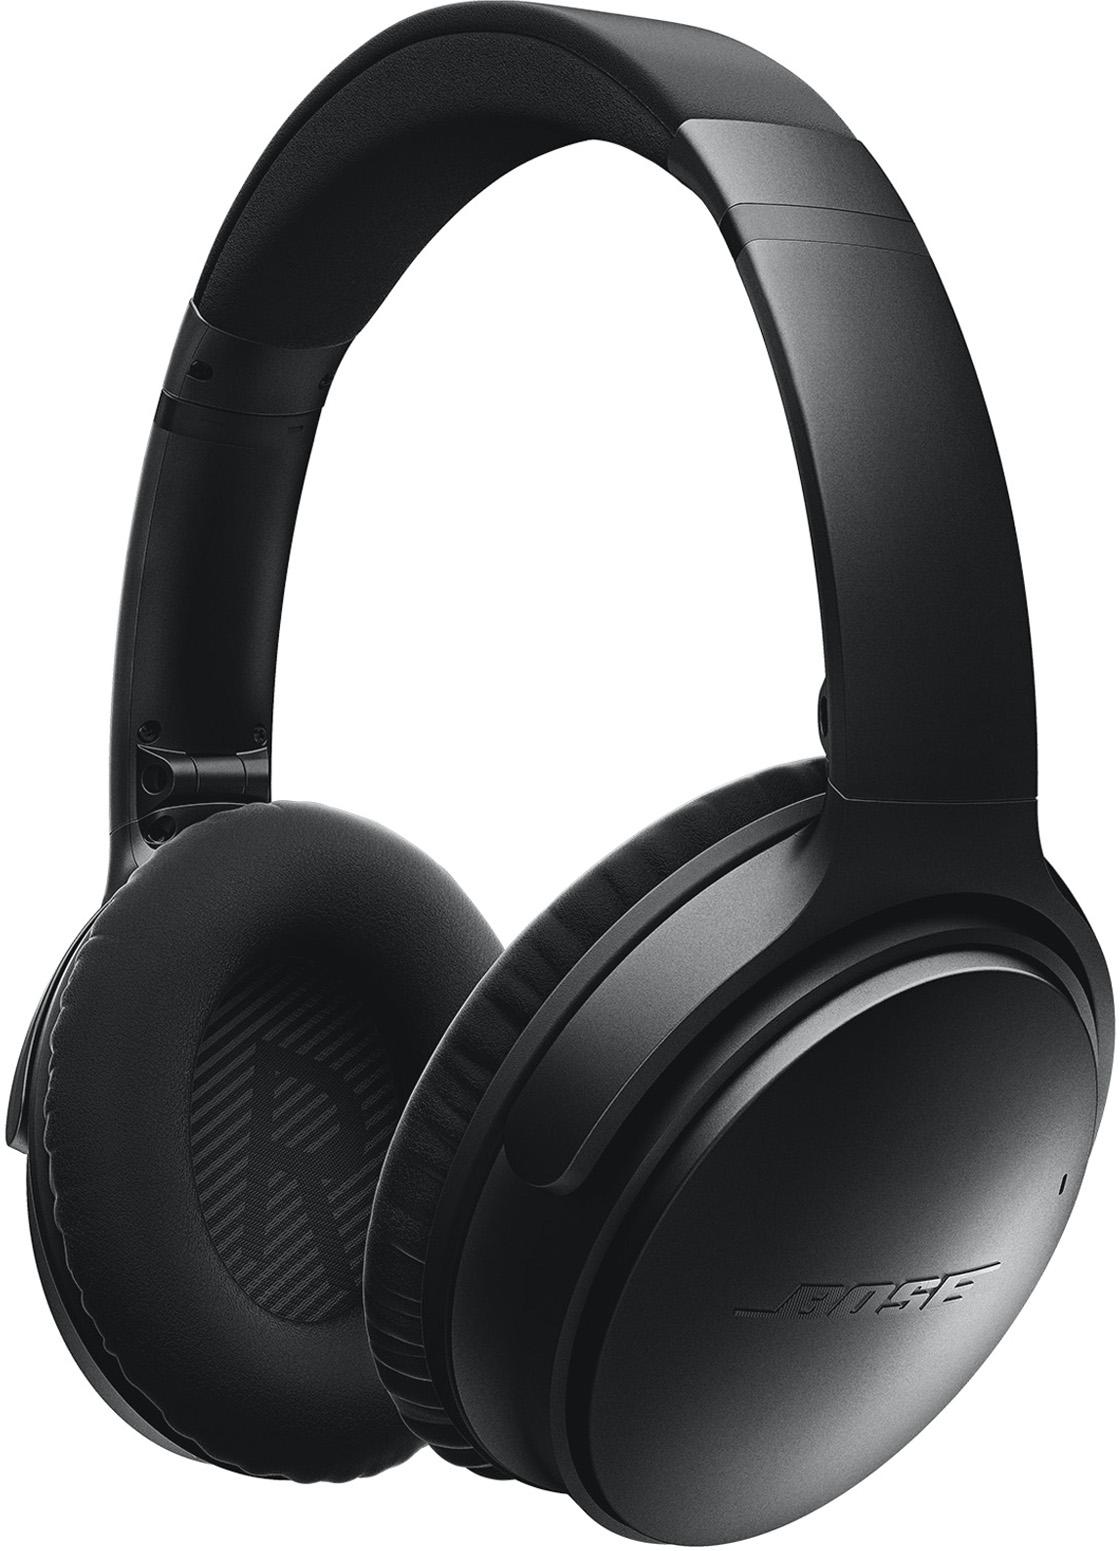 Bose QuietComfort 35 Wireless Headphones (Black)